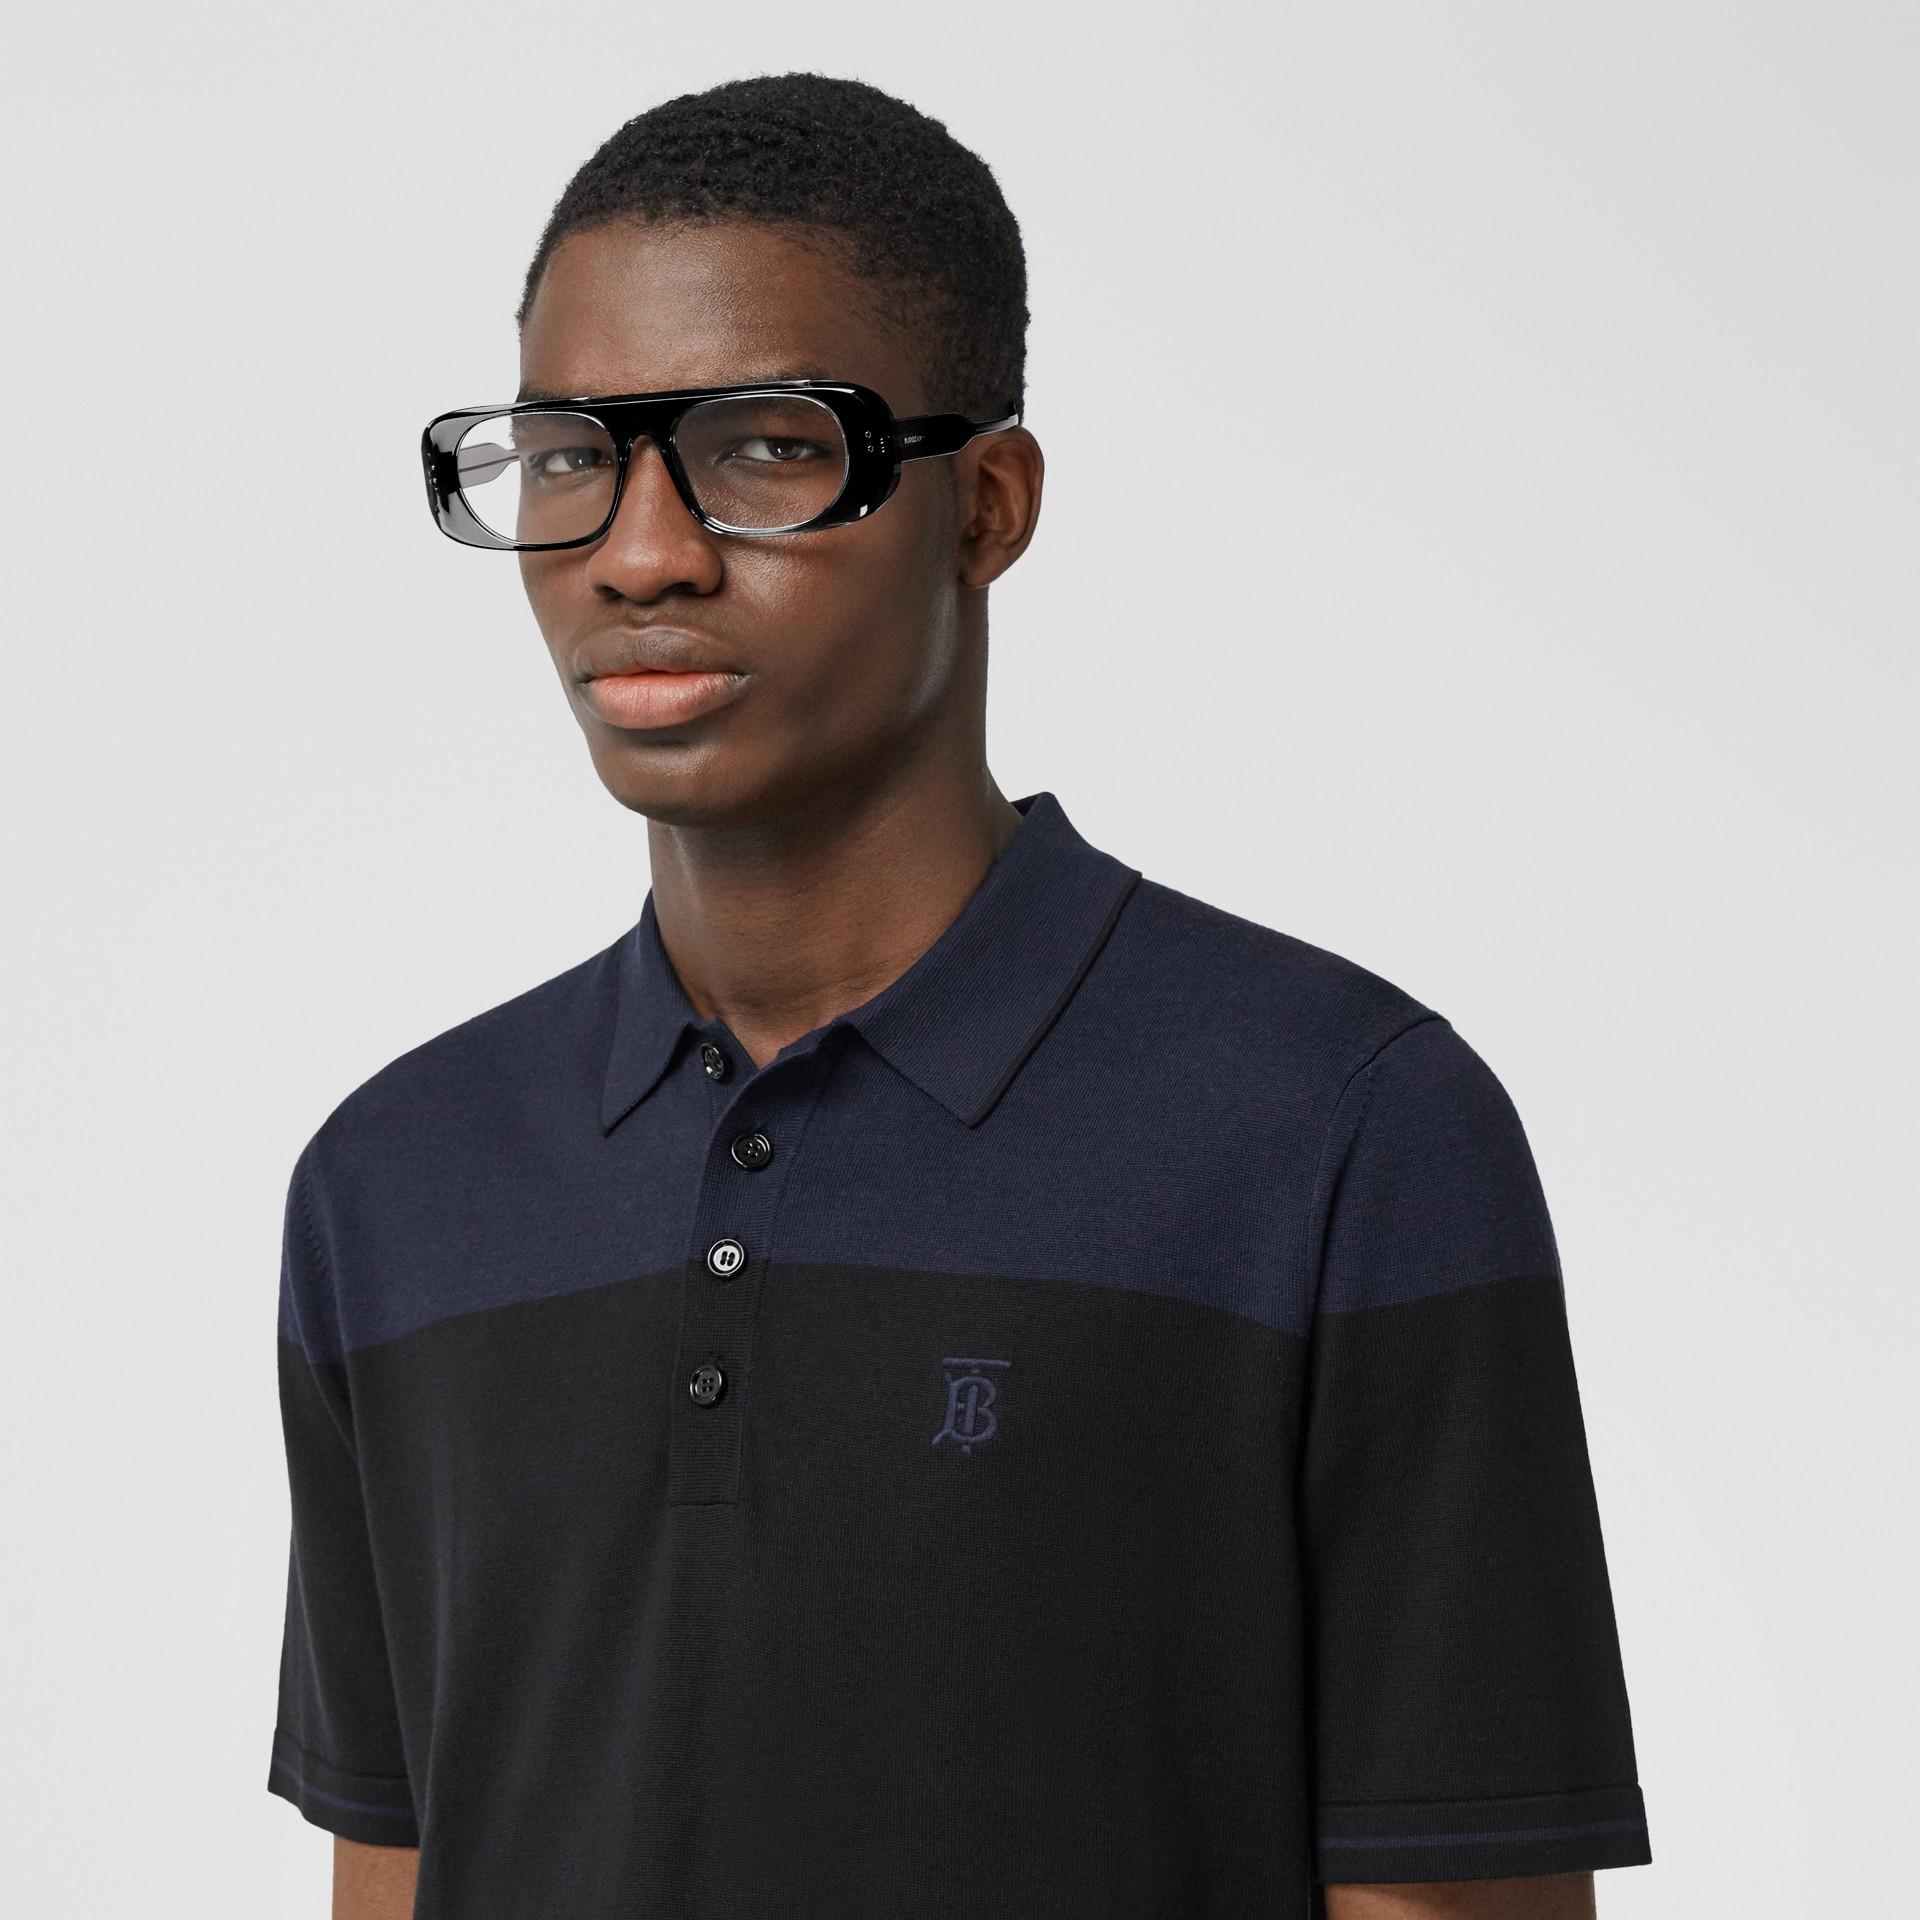 モノグラムモチーフ ツートン シルクカシミア ポロシャツ (ブラック/ネイビー) - メンズ | バーバリー - ギャラリーイメージ 1